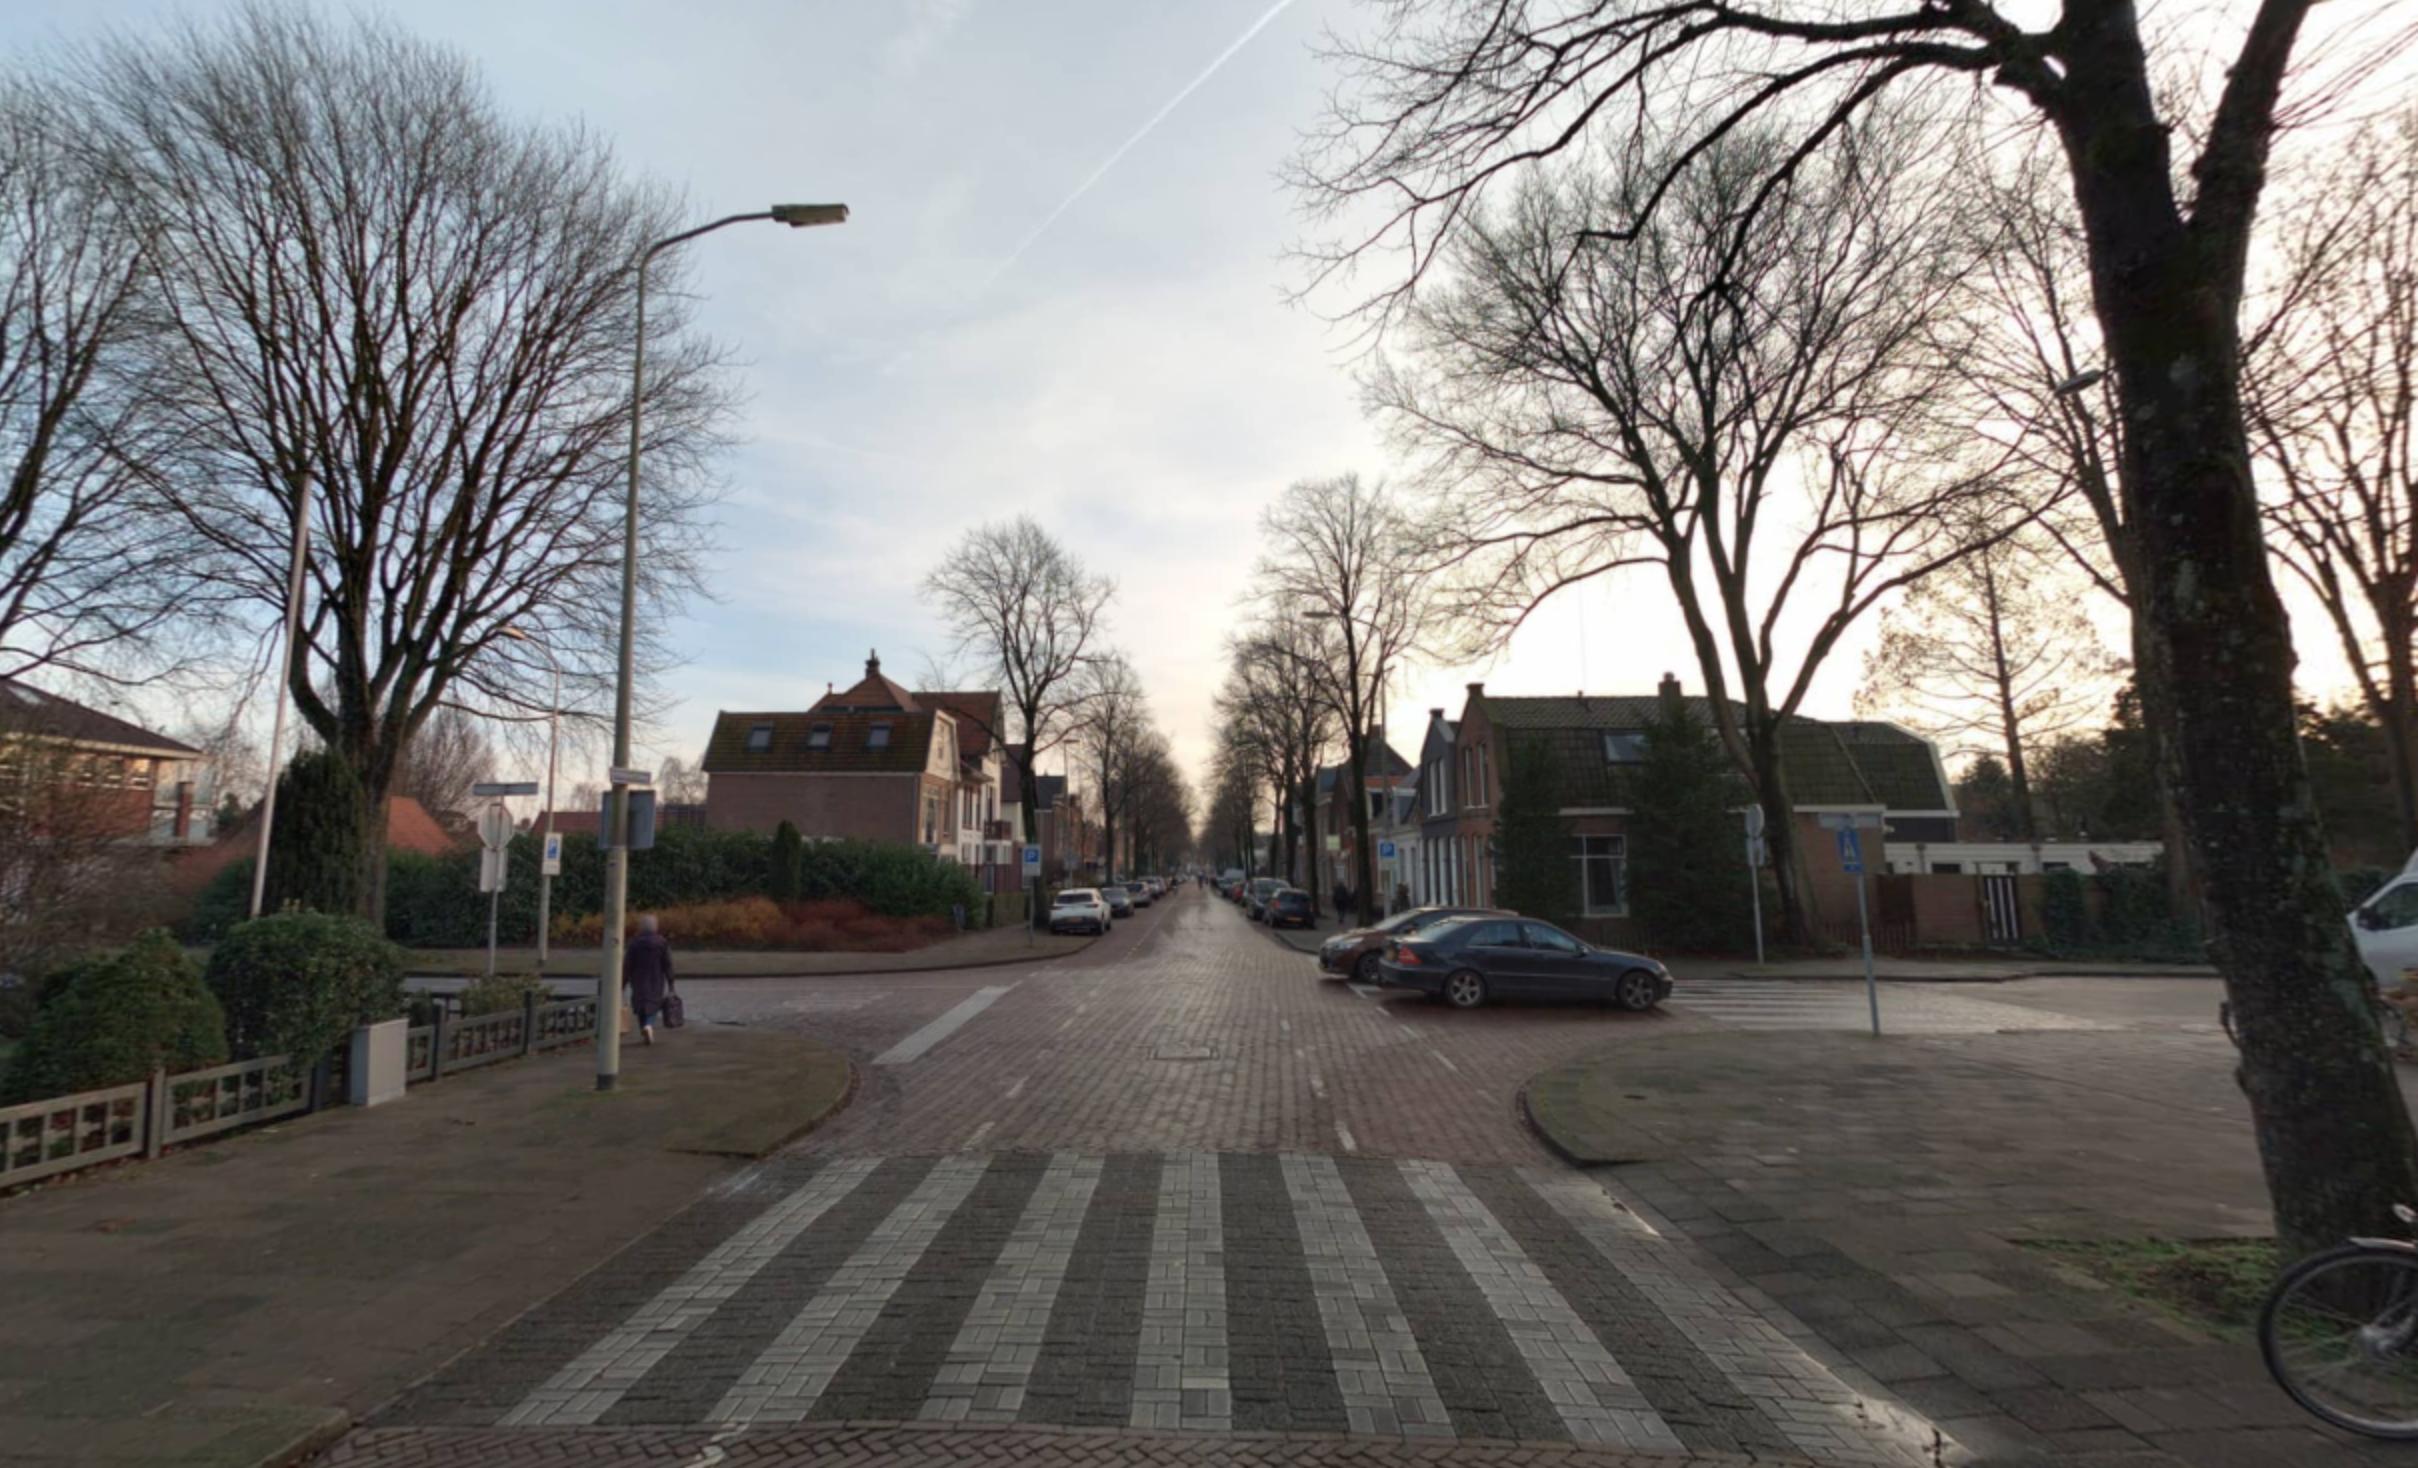 Politiekundigen in opleiding nemen 'een van de gevaarlijkste kruispunten van Hoorn' onder de loep